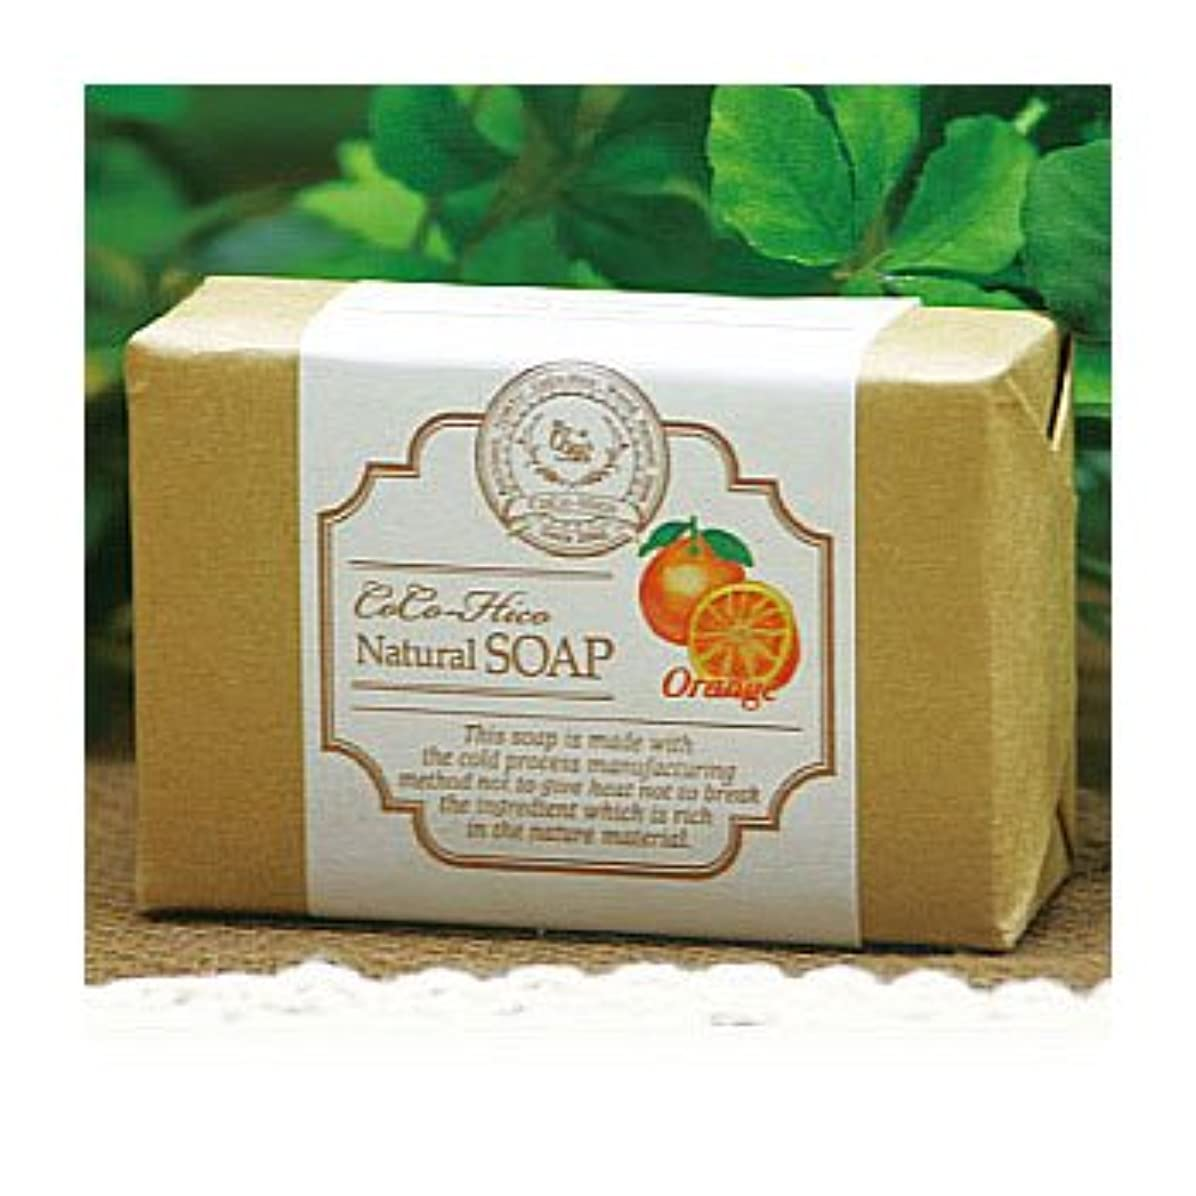 スリット蒸気実際の【無添加 手作り 生せっけん】-CoCo-Hico SOAP-ココヒコ生せっけん オレンジ